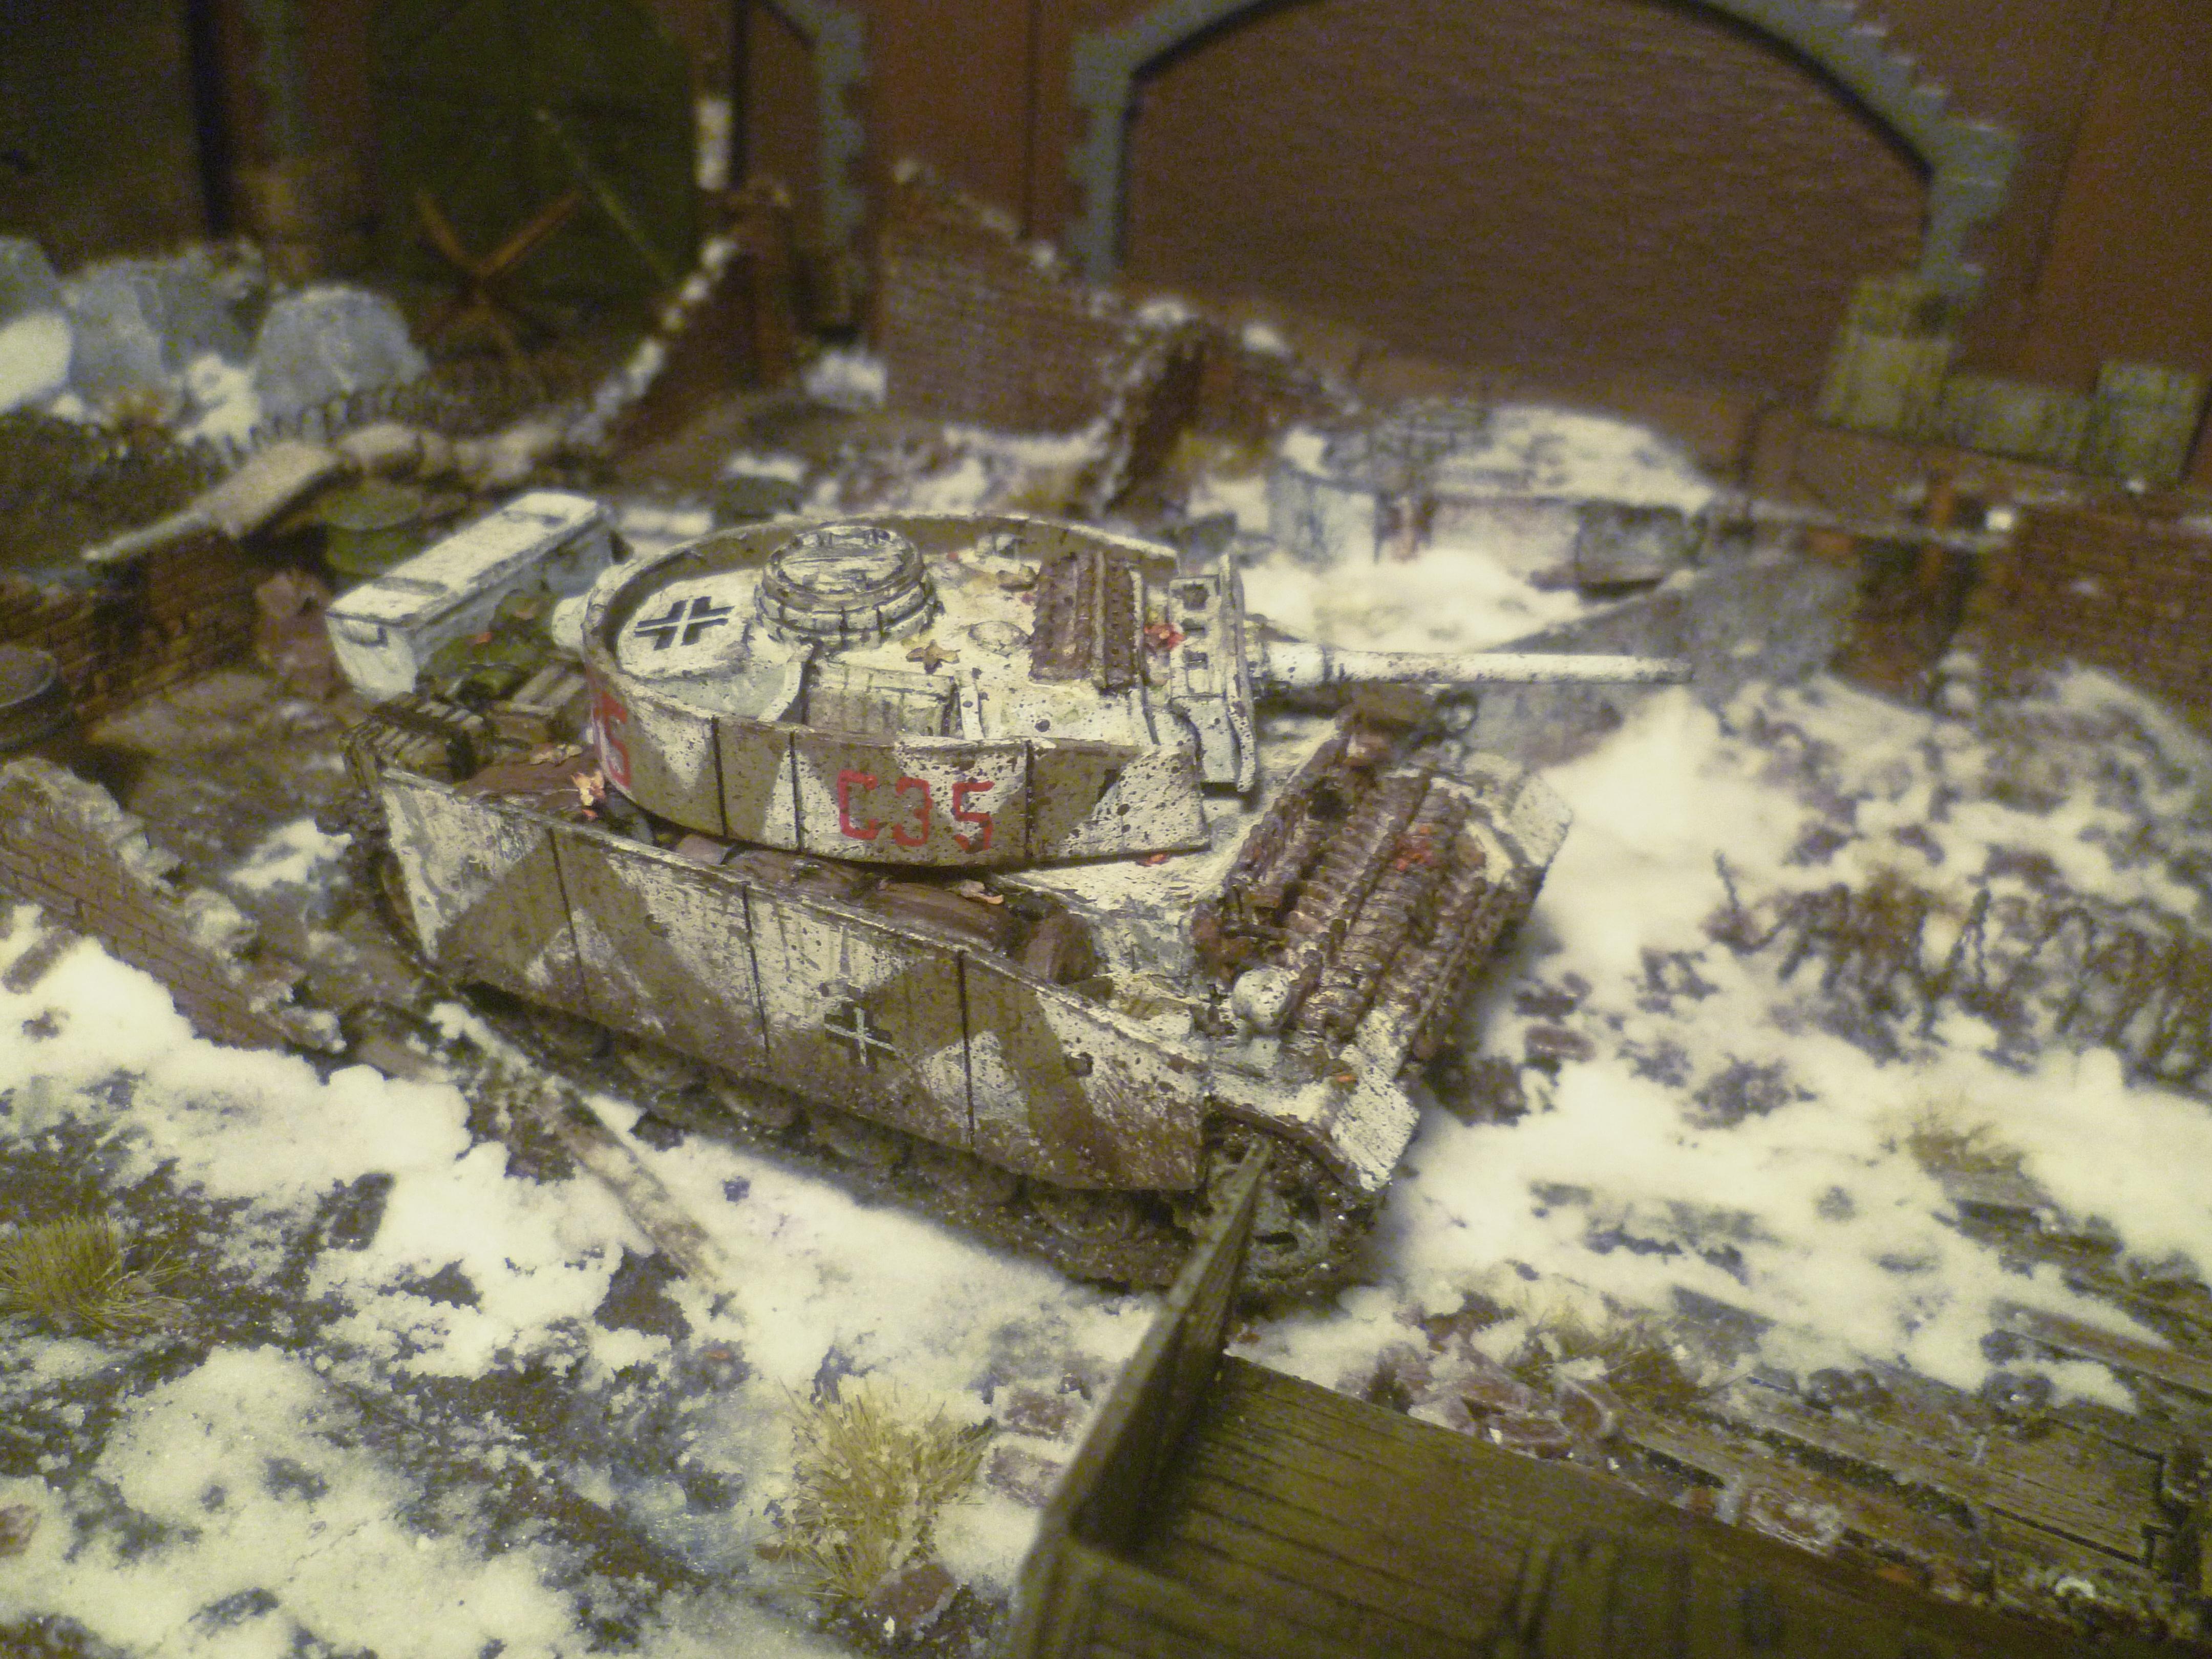 1/56, 28mm, Conversion, Germans, Improvised, Panzer, Winter, World War 2